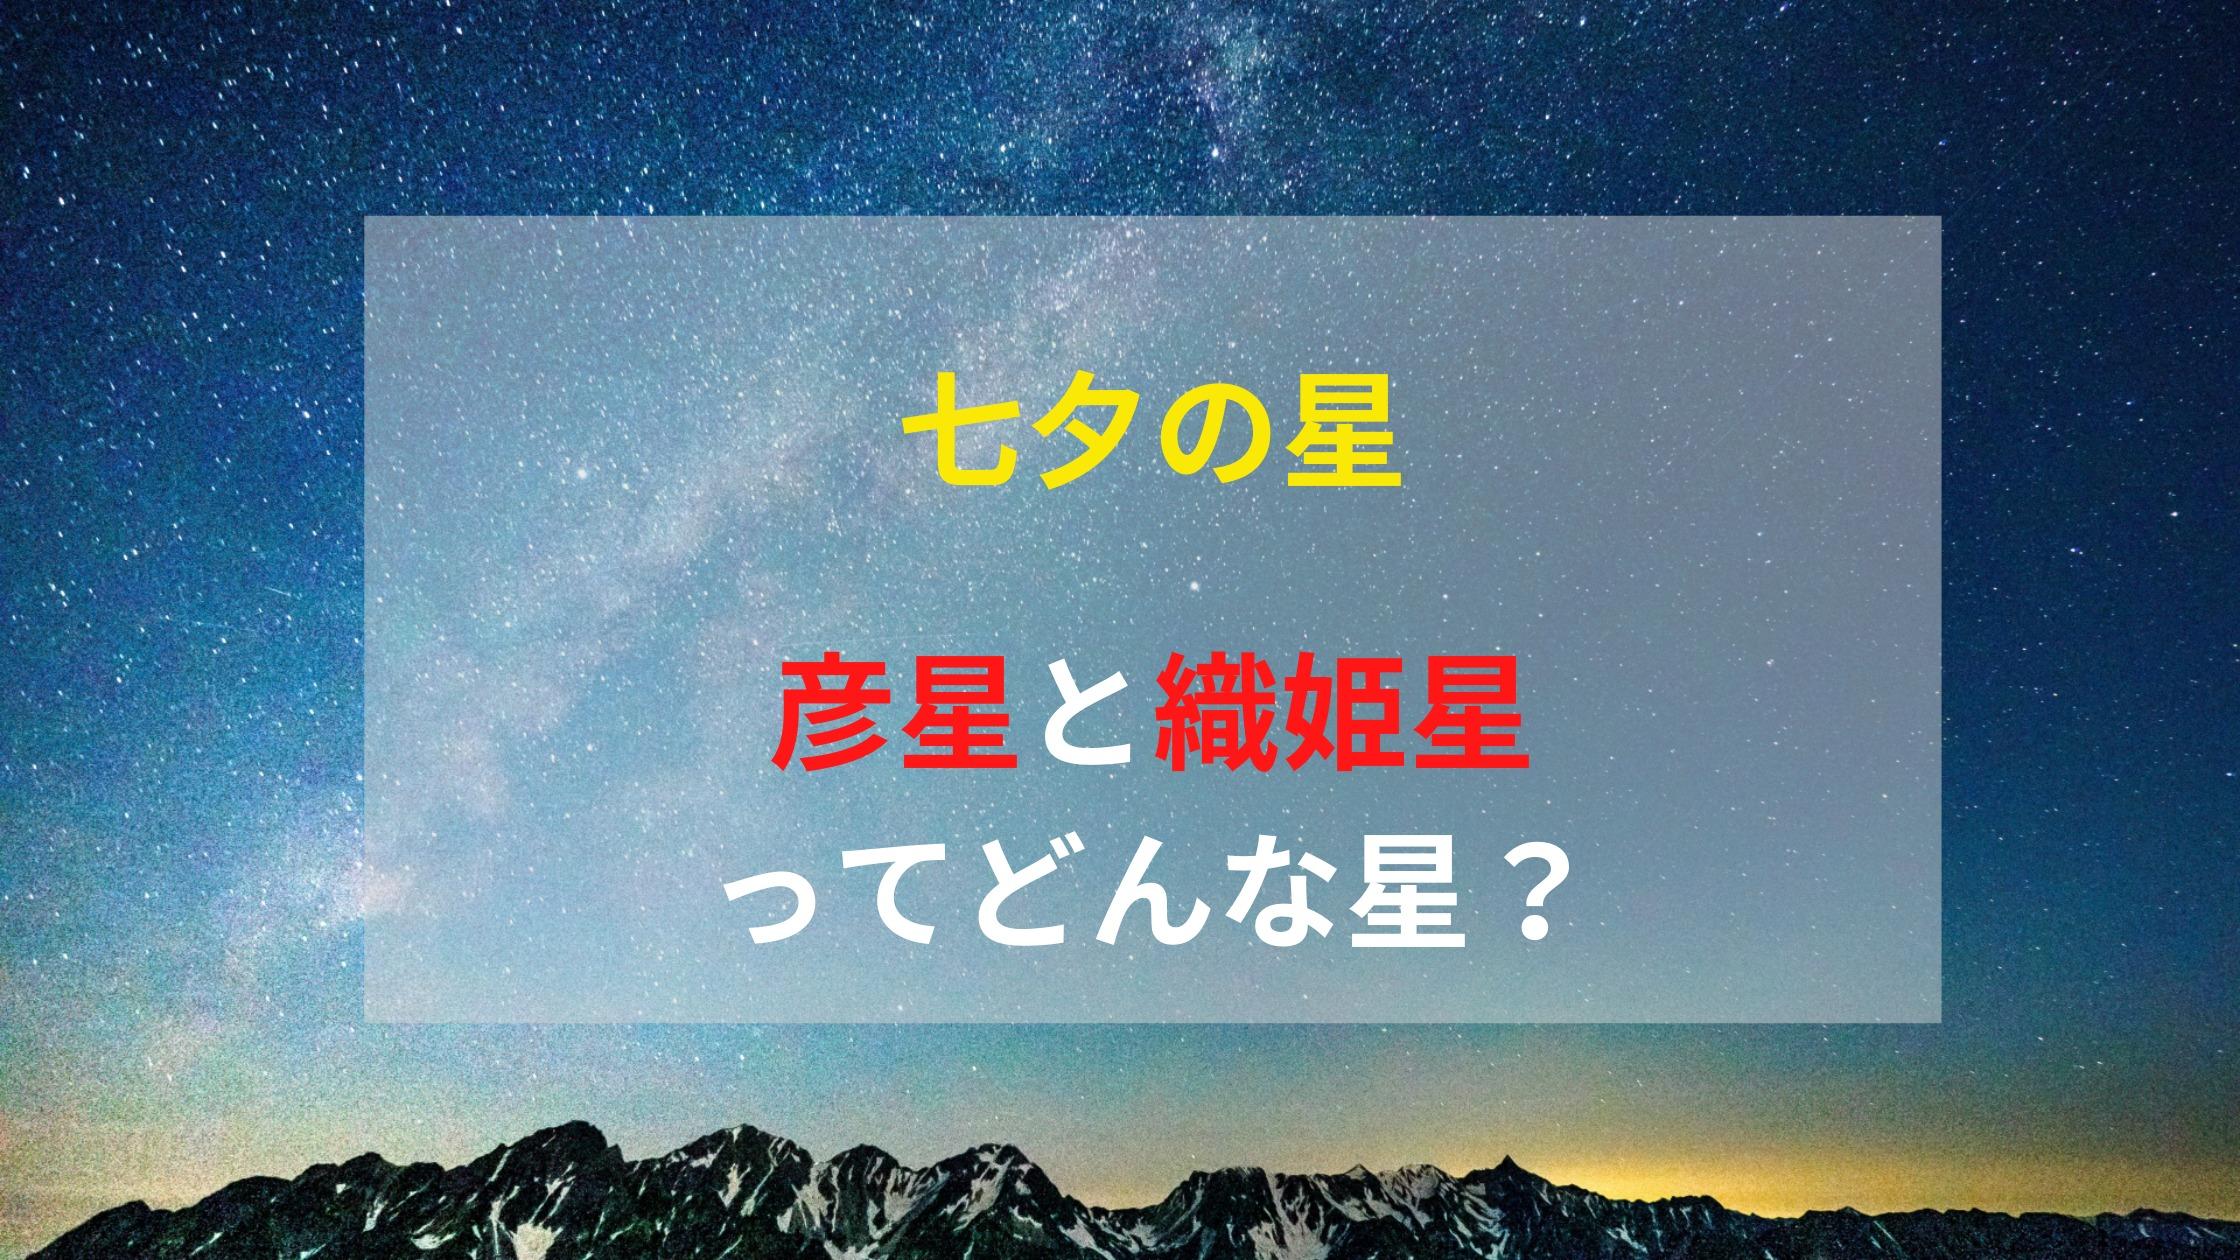 七夕の星彦星と織姫星ってどんな星?